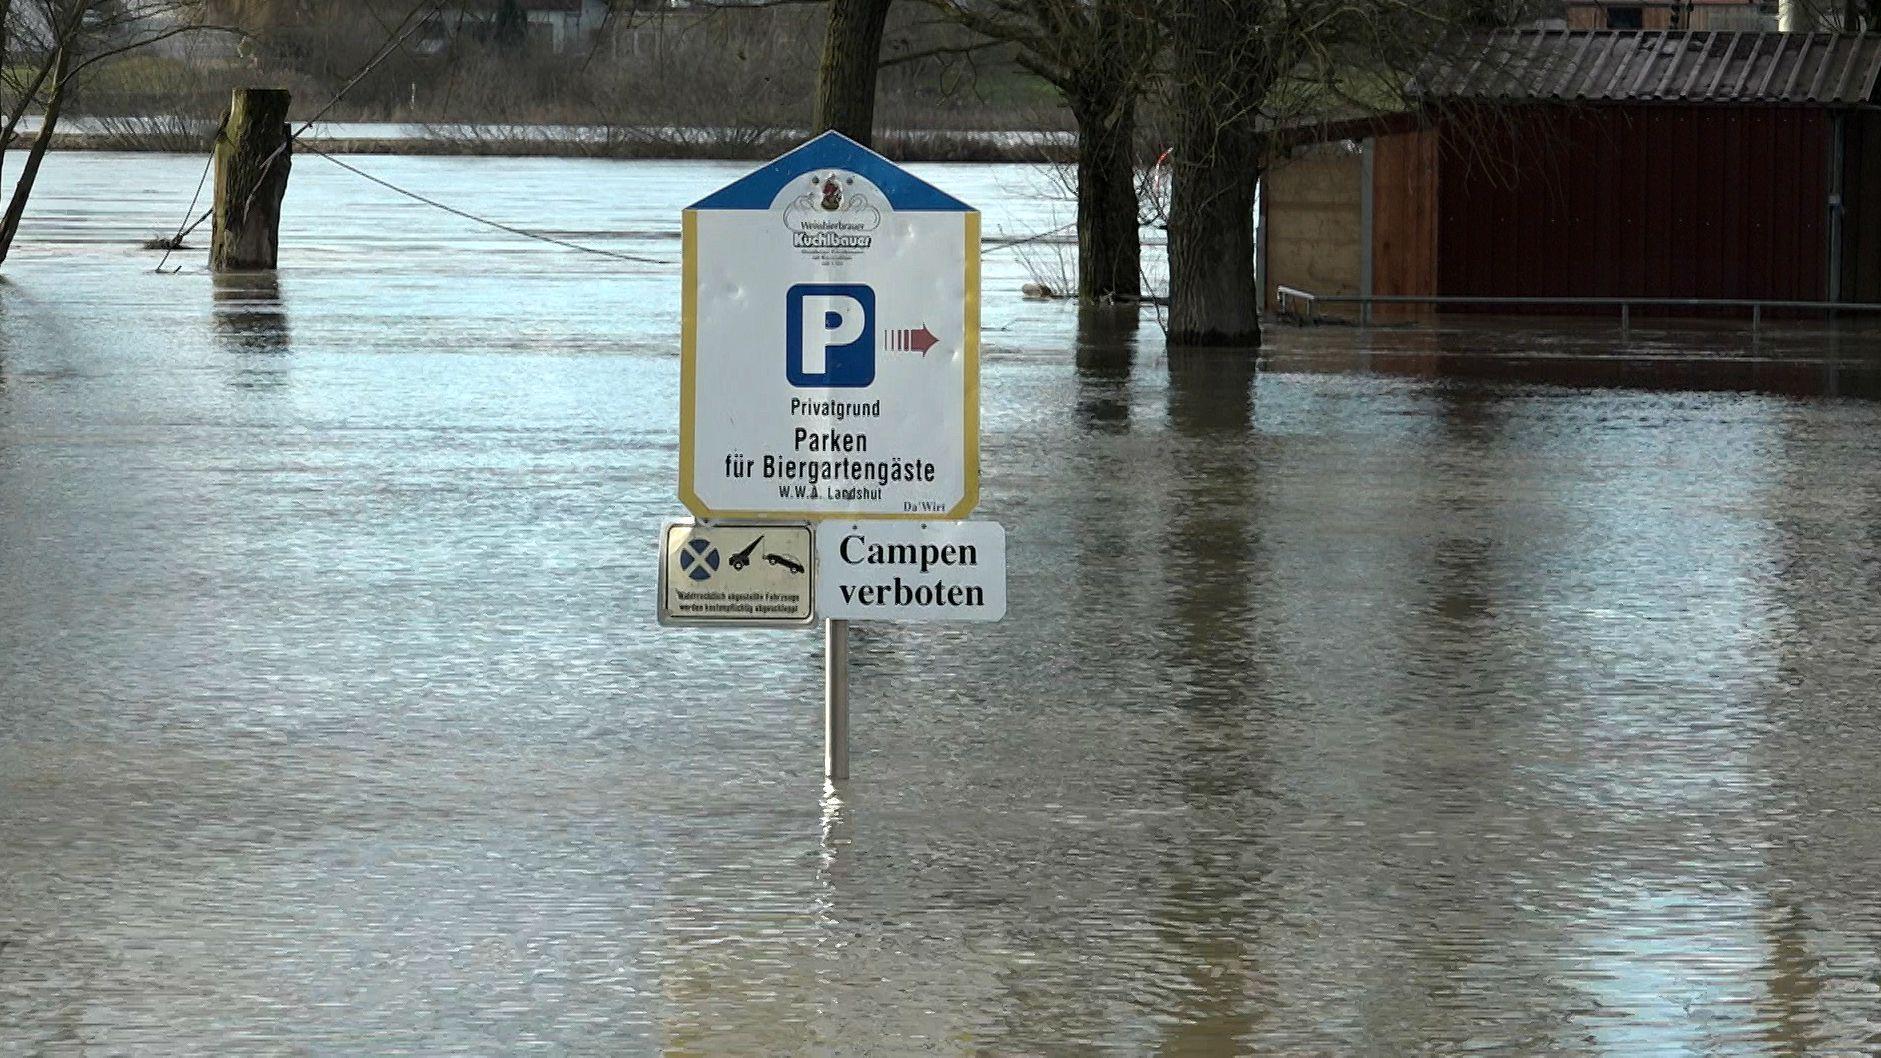 Die Donau bei Kelheim: Ein Schild ragt aus dem Hochwasser